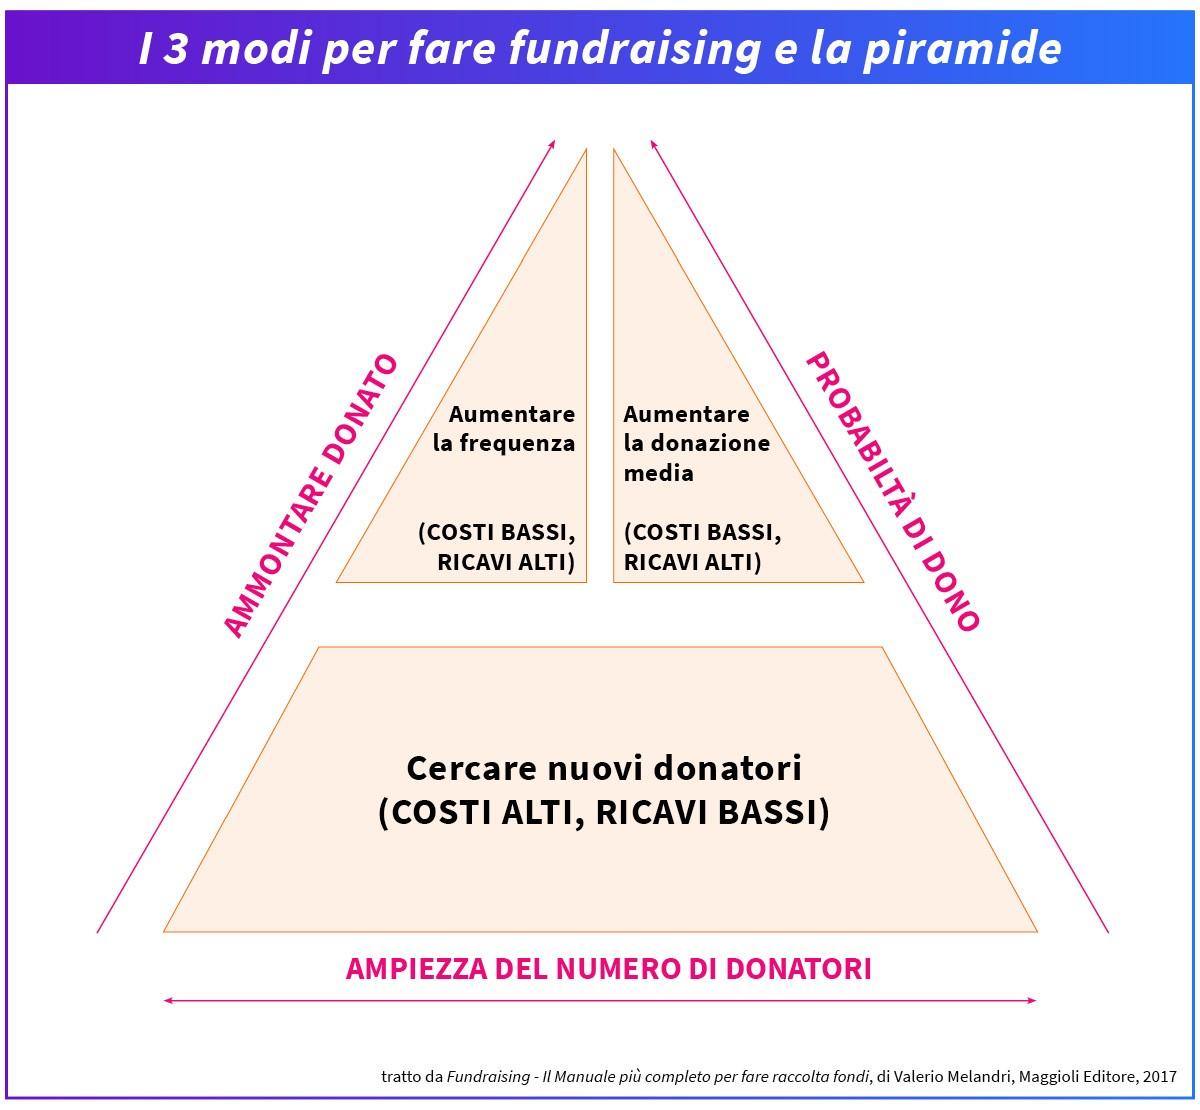 3modi Fare Fundraising